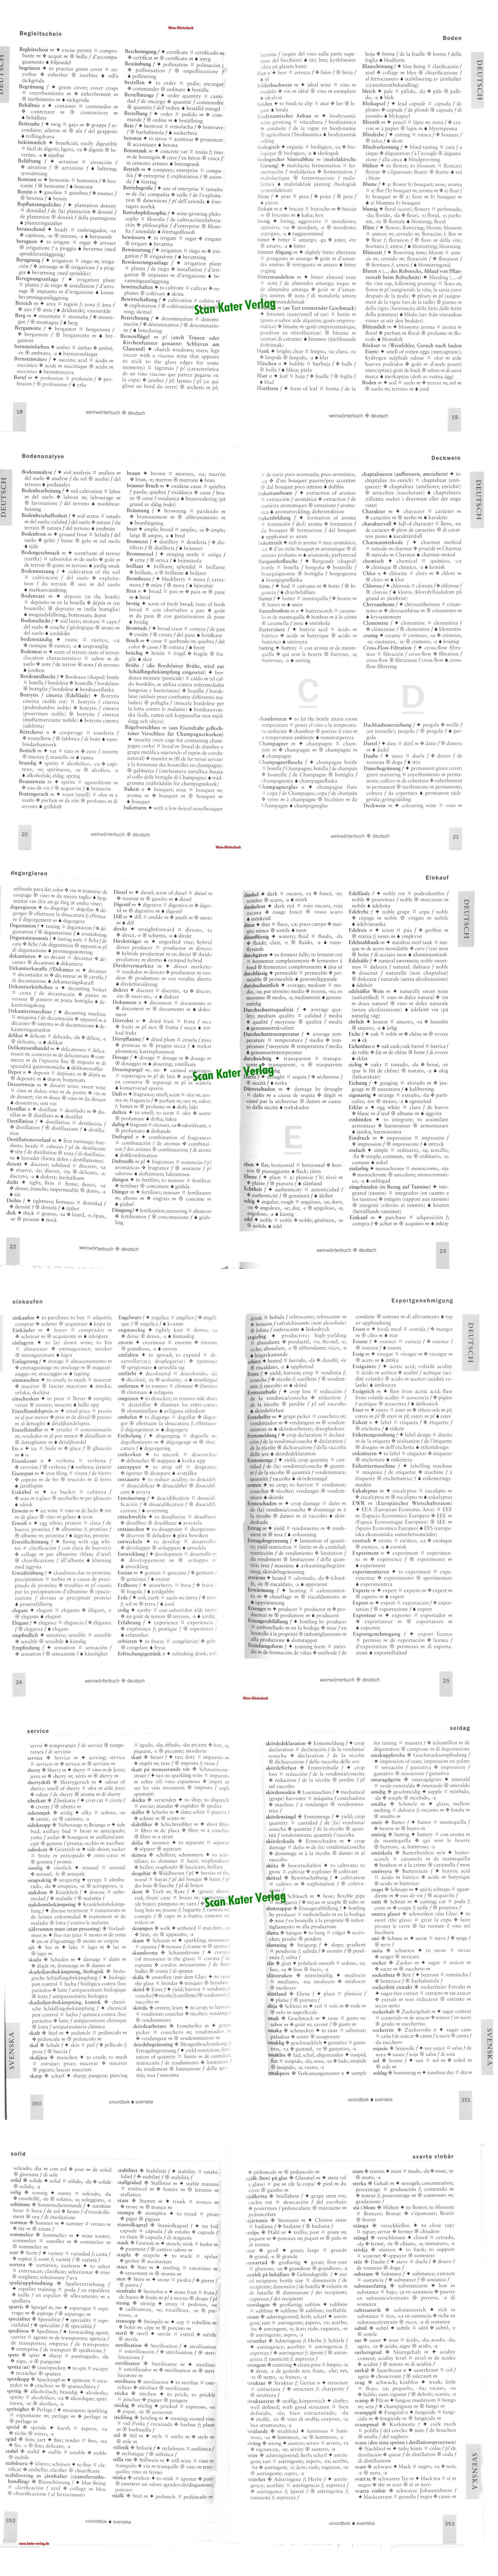 Weinwörterbuch DE-EN-ES-FR-IT-SE